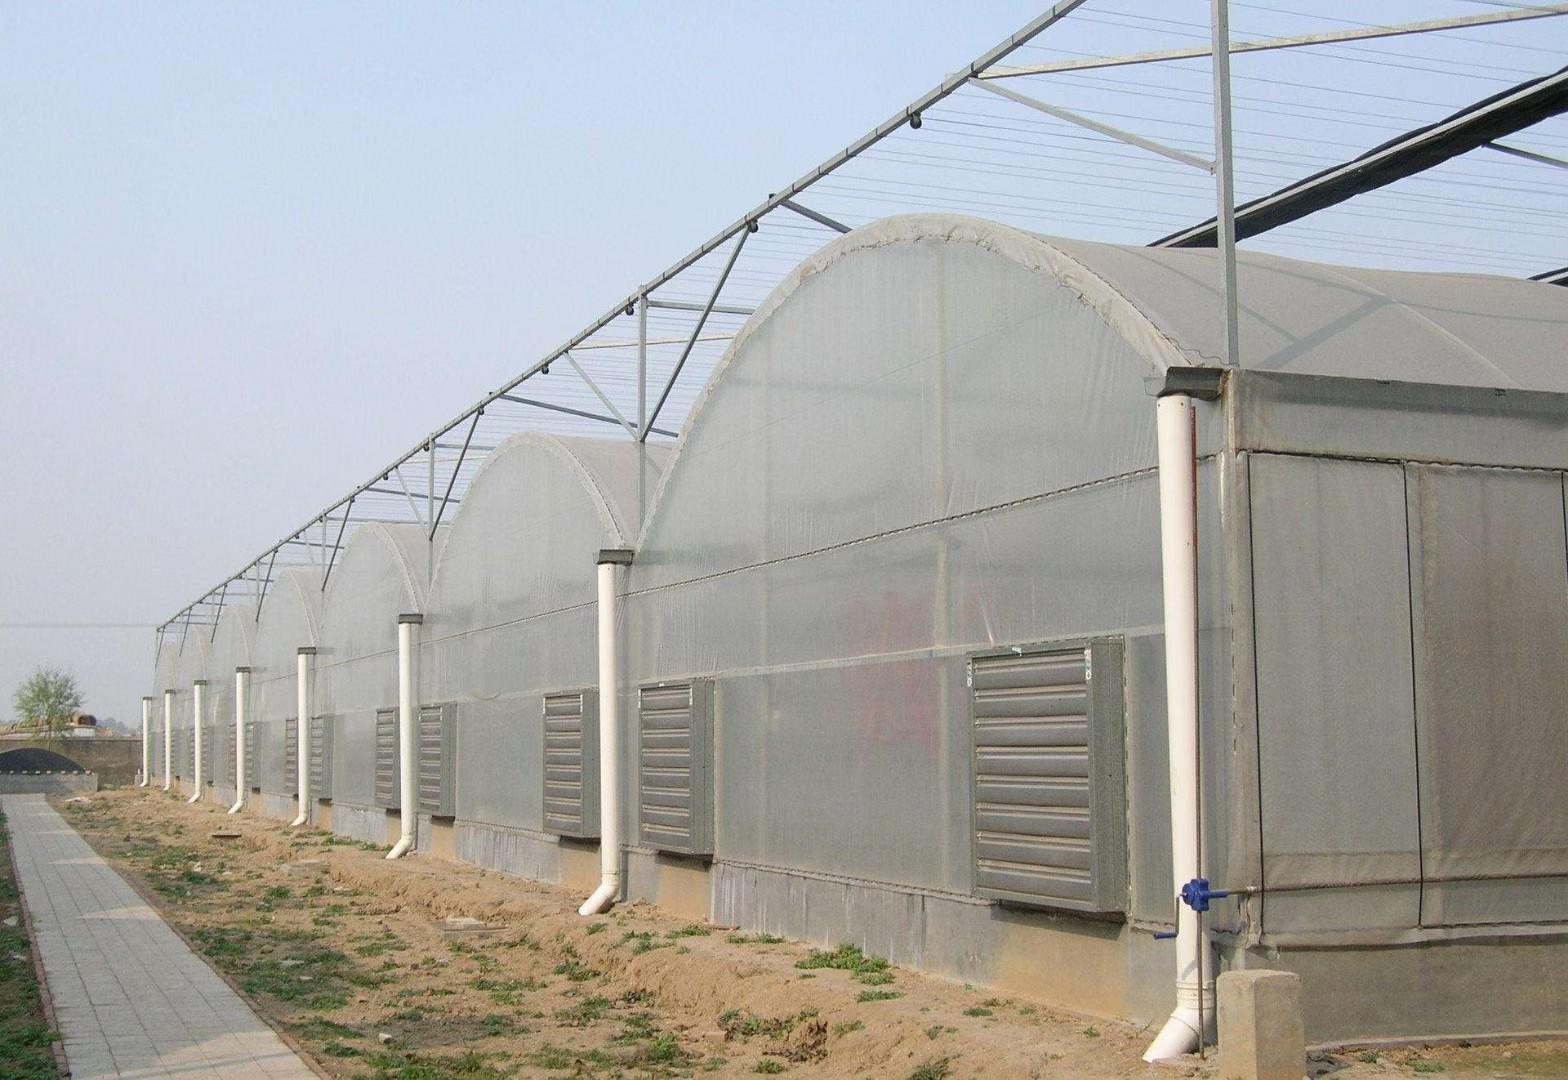 玉溪农业种植暖棚-大棚常见结构参数2021